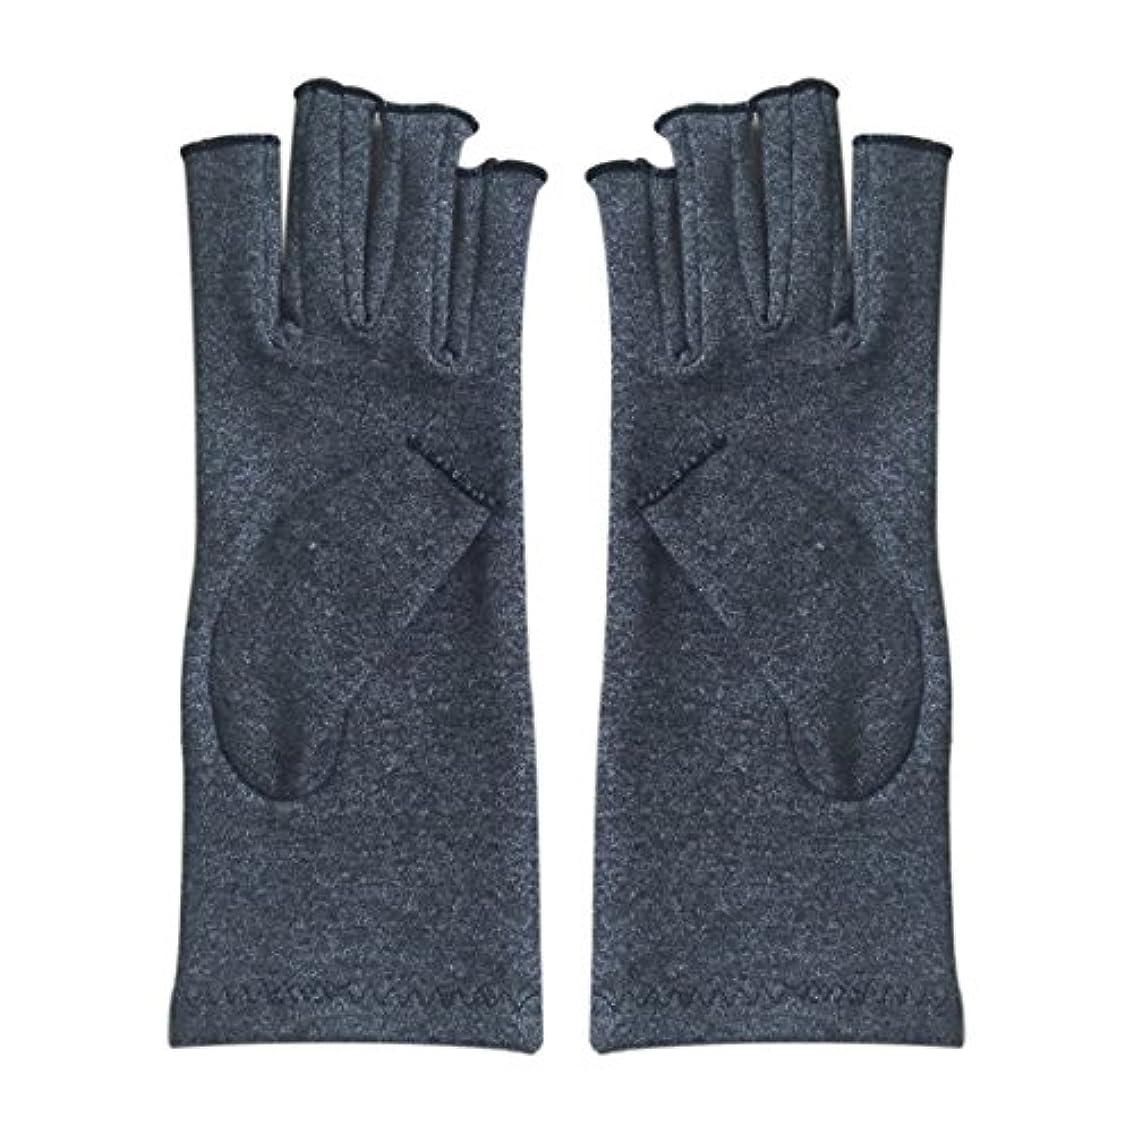 除外する贅沢凝視CUHAWUDBA 1ペア成人男性女性用弾性コットンコンプレッション手袋手関節炎関節痛鎮痛軽減S -灰色、S